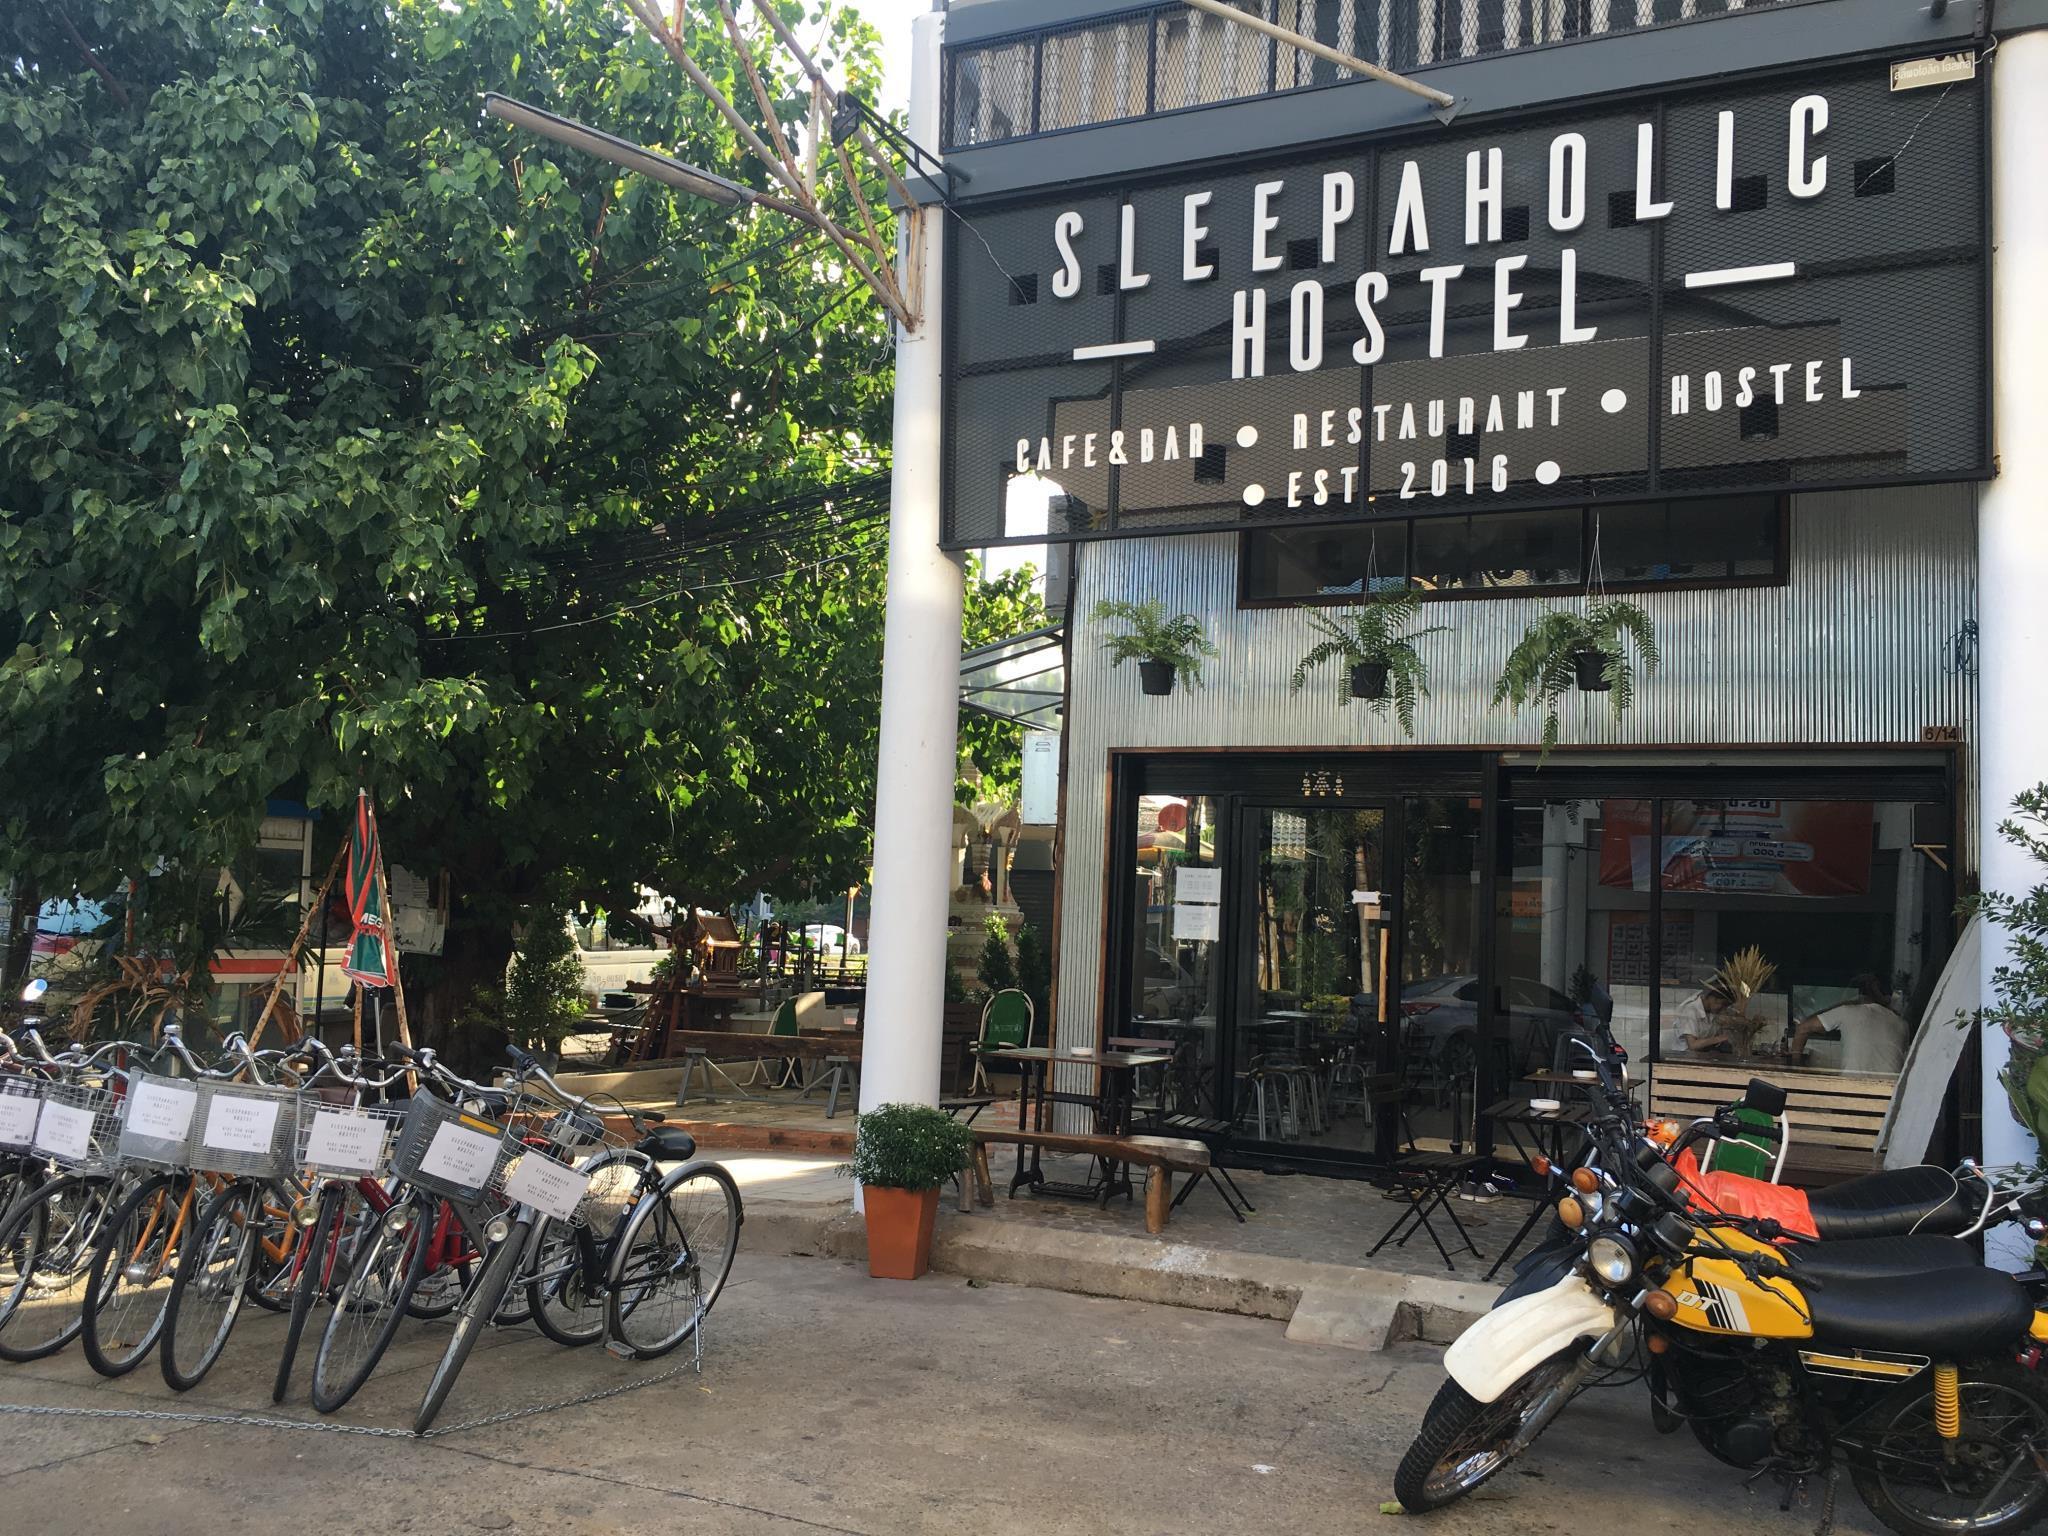 sleepaholic hostel,สลีปาฮอลิค โฮสเทล